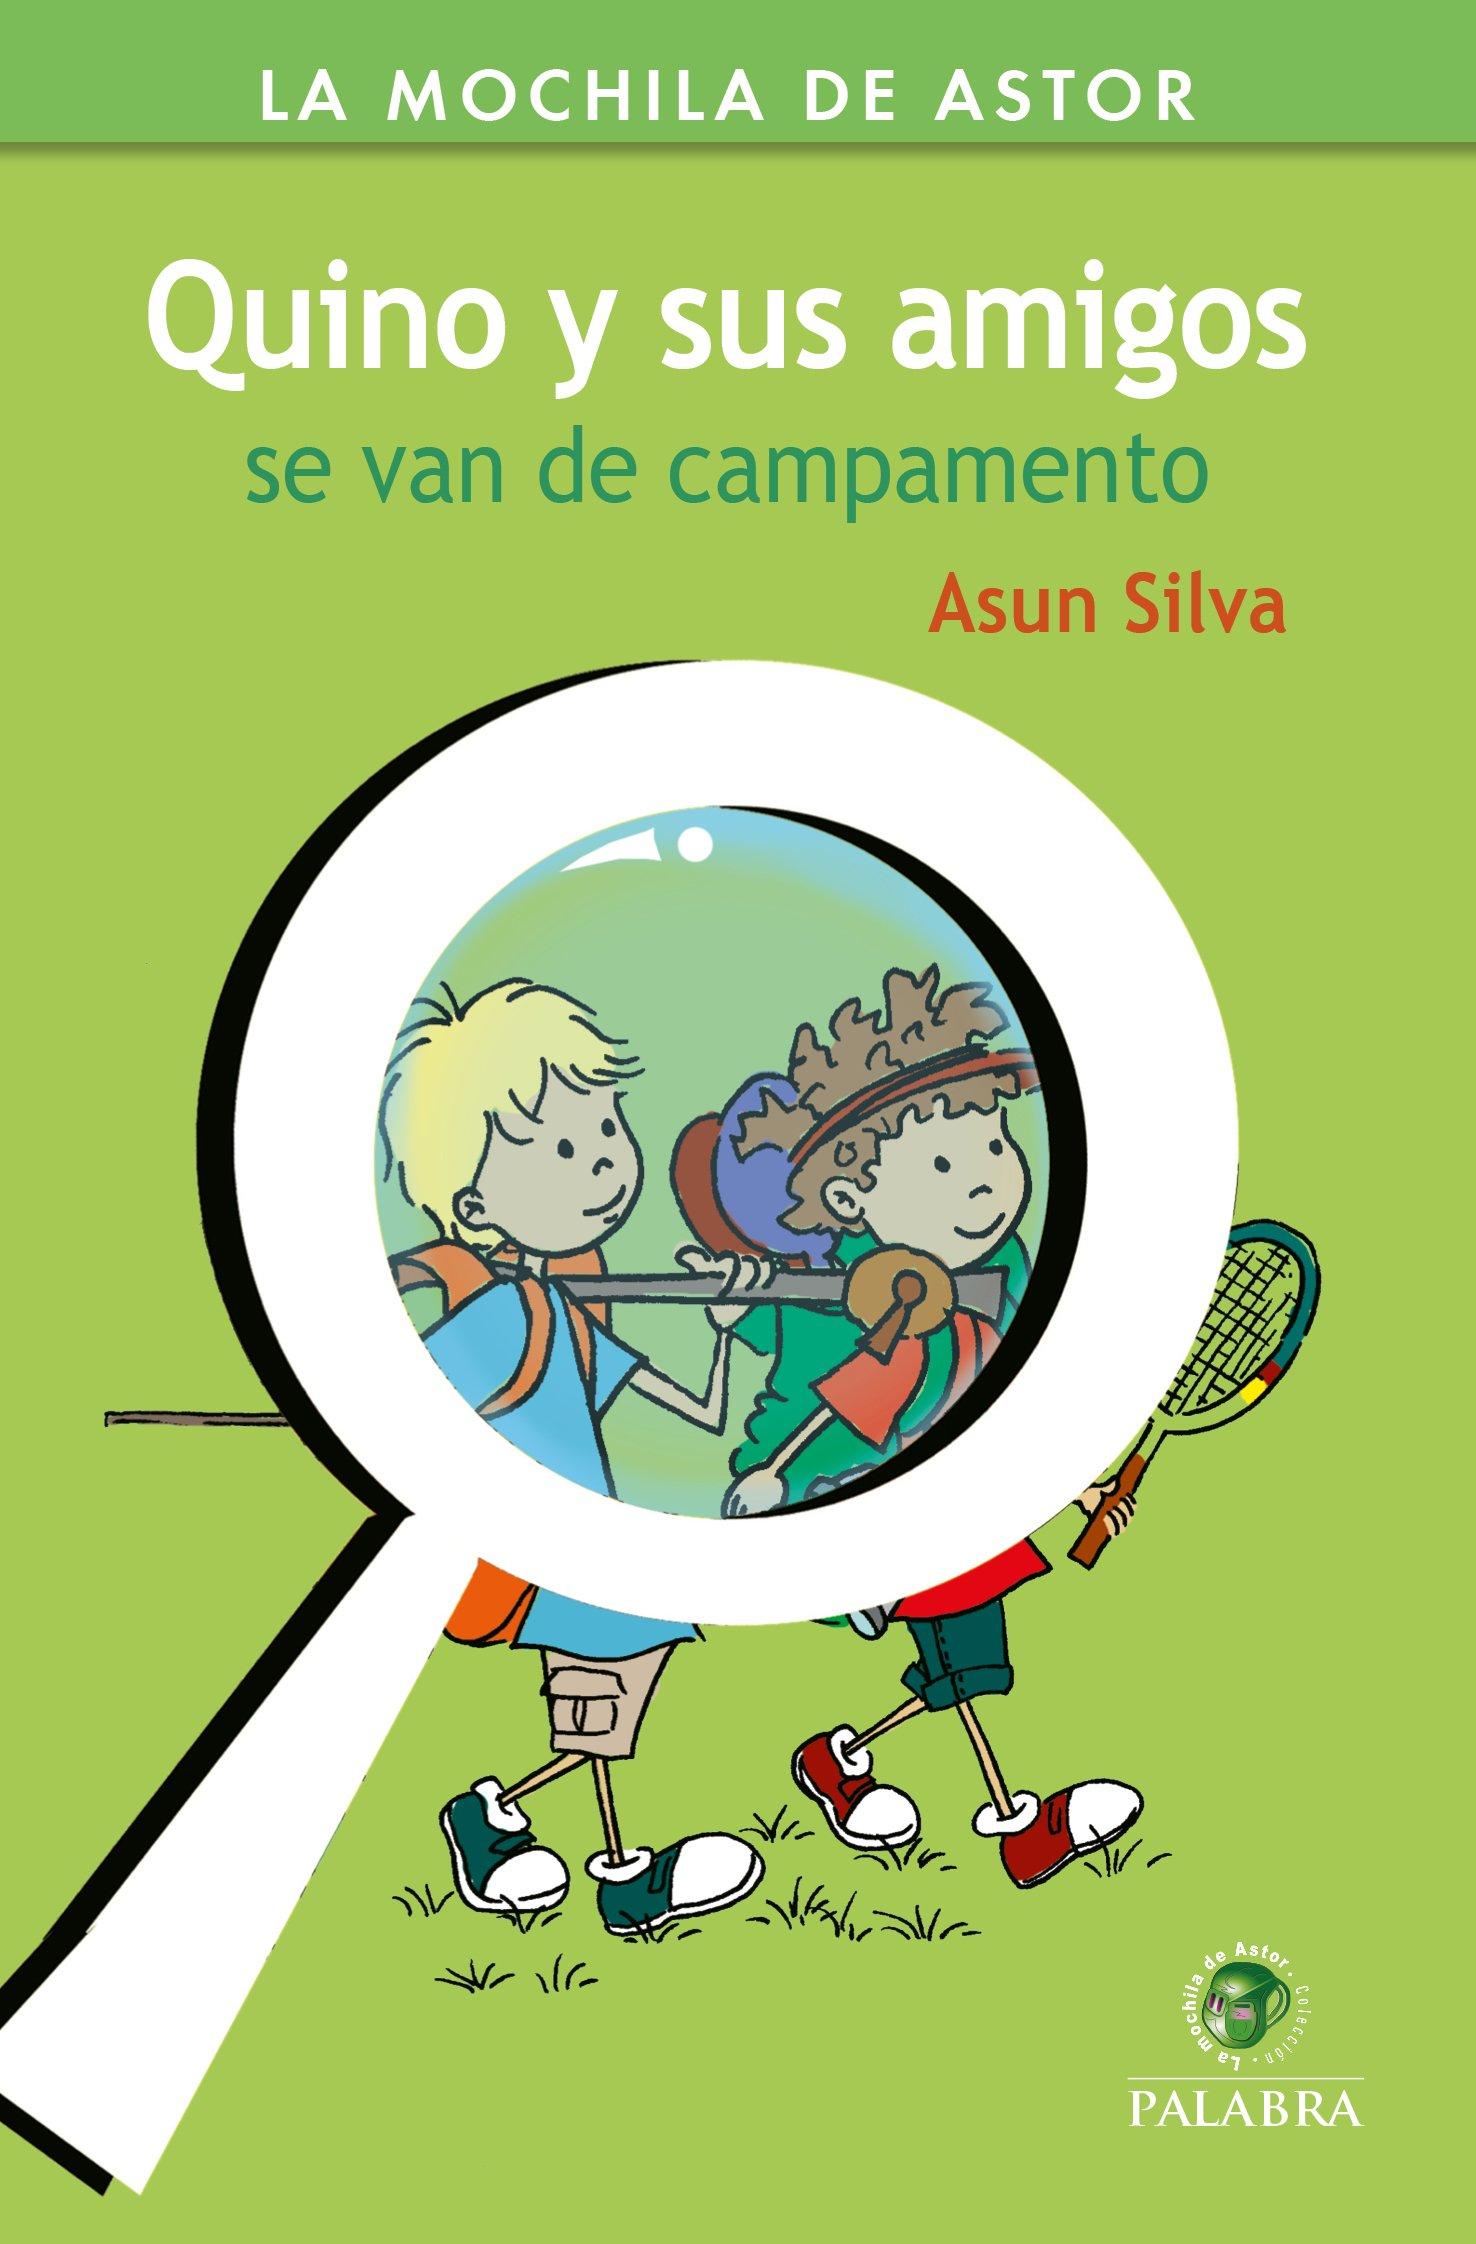 Quino y sus amigos se van de campamento (Spanish) Paperback – 2017